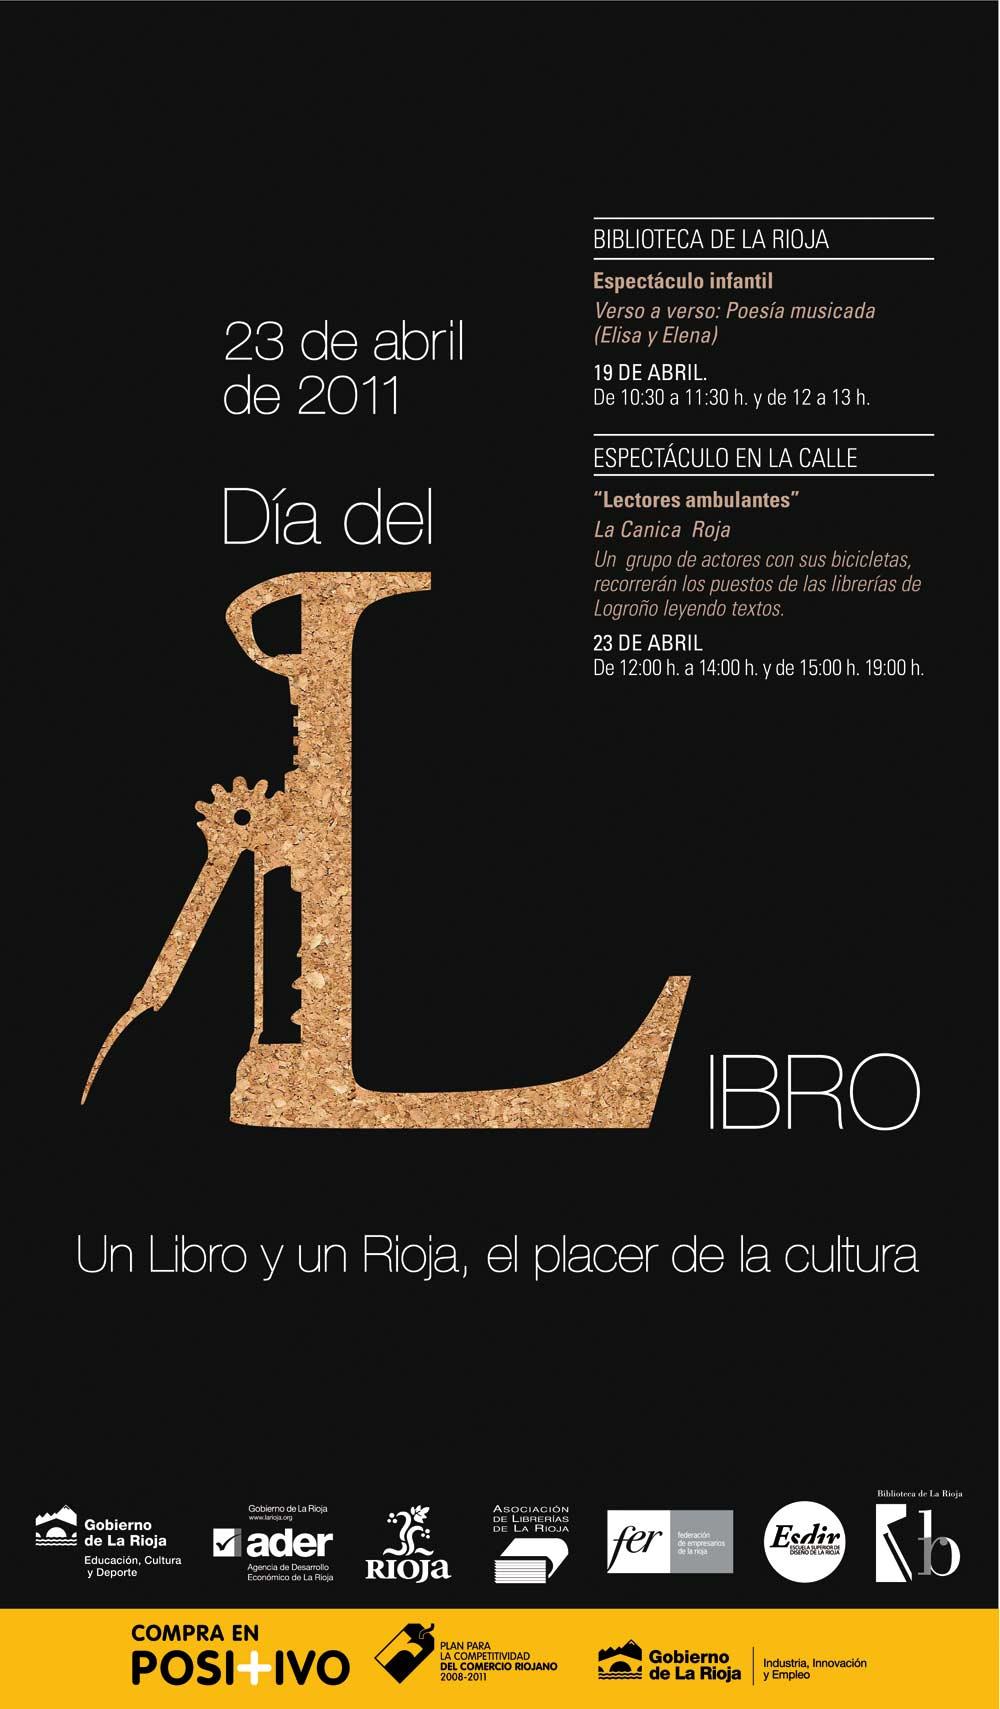 Primer Premio para Cartel y Etiqueta de Un libro y un Rioja '11